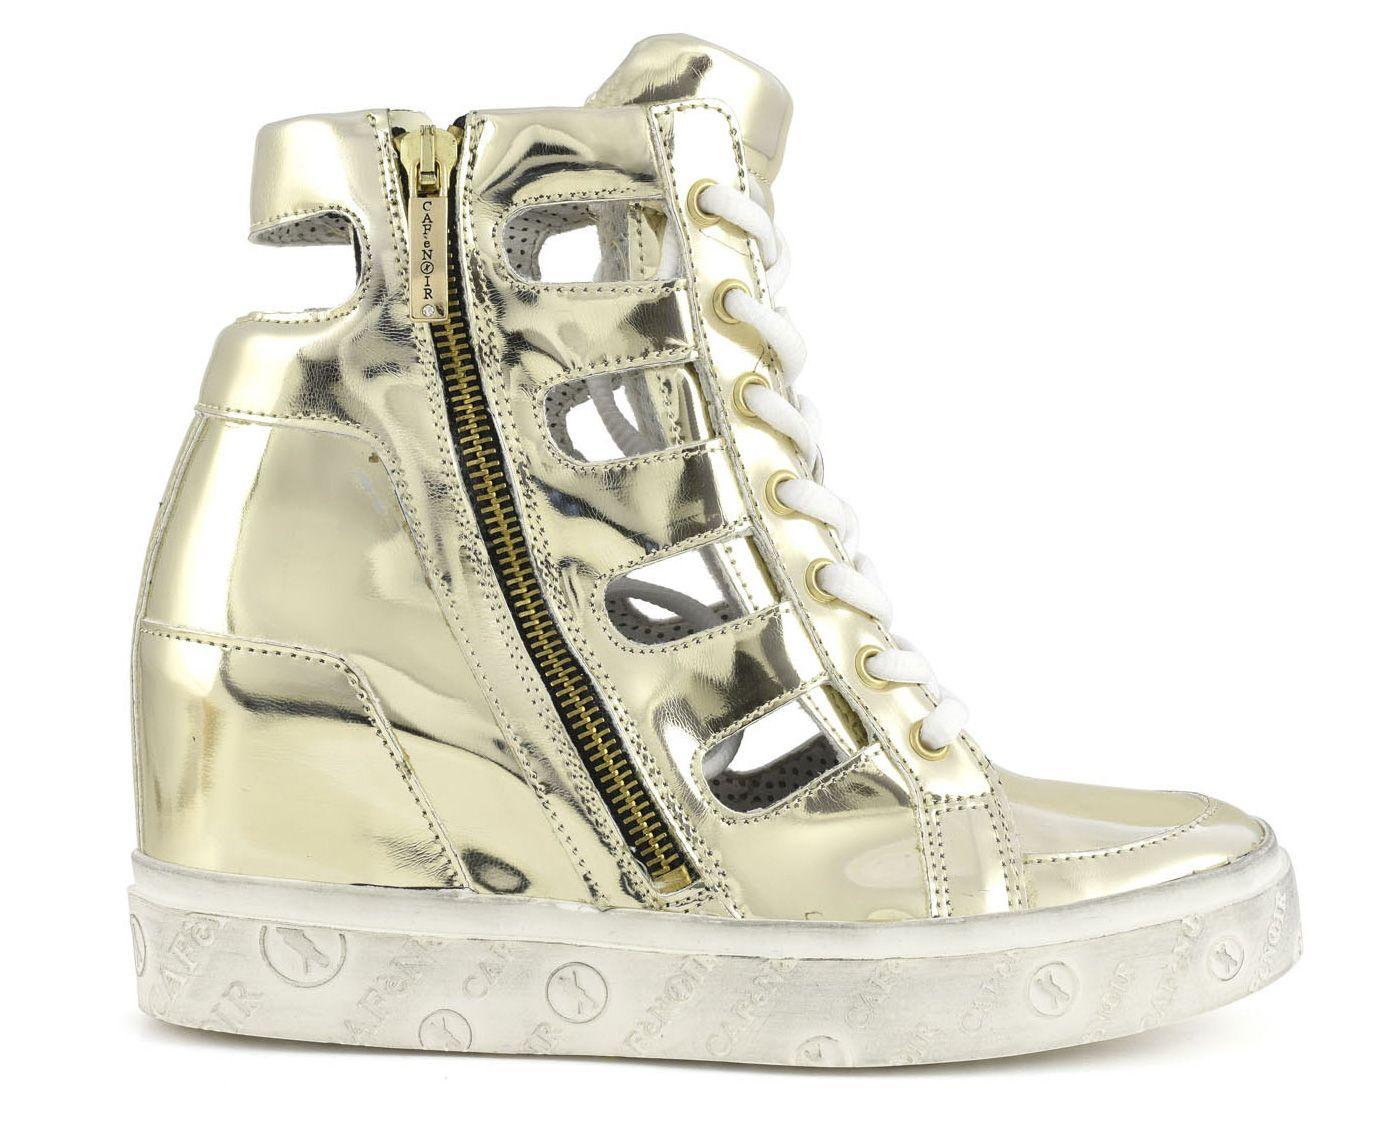 Tronchetto #CAFeNOIR  allacciato effetto specchio.  Vasto assortimento di scarpe, borse e sandali CAFé NOIR su www.tomacalzature.com